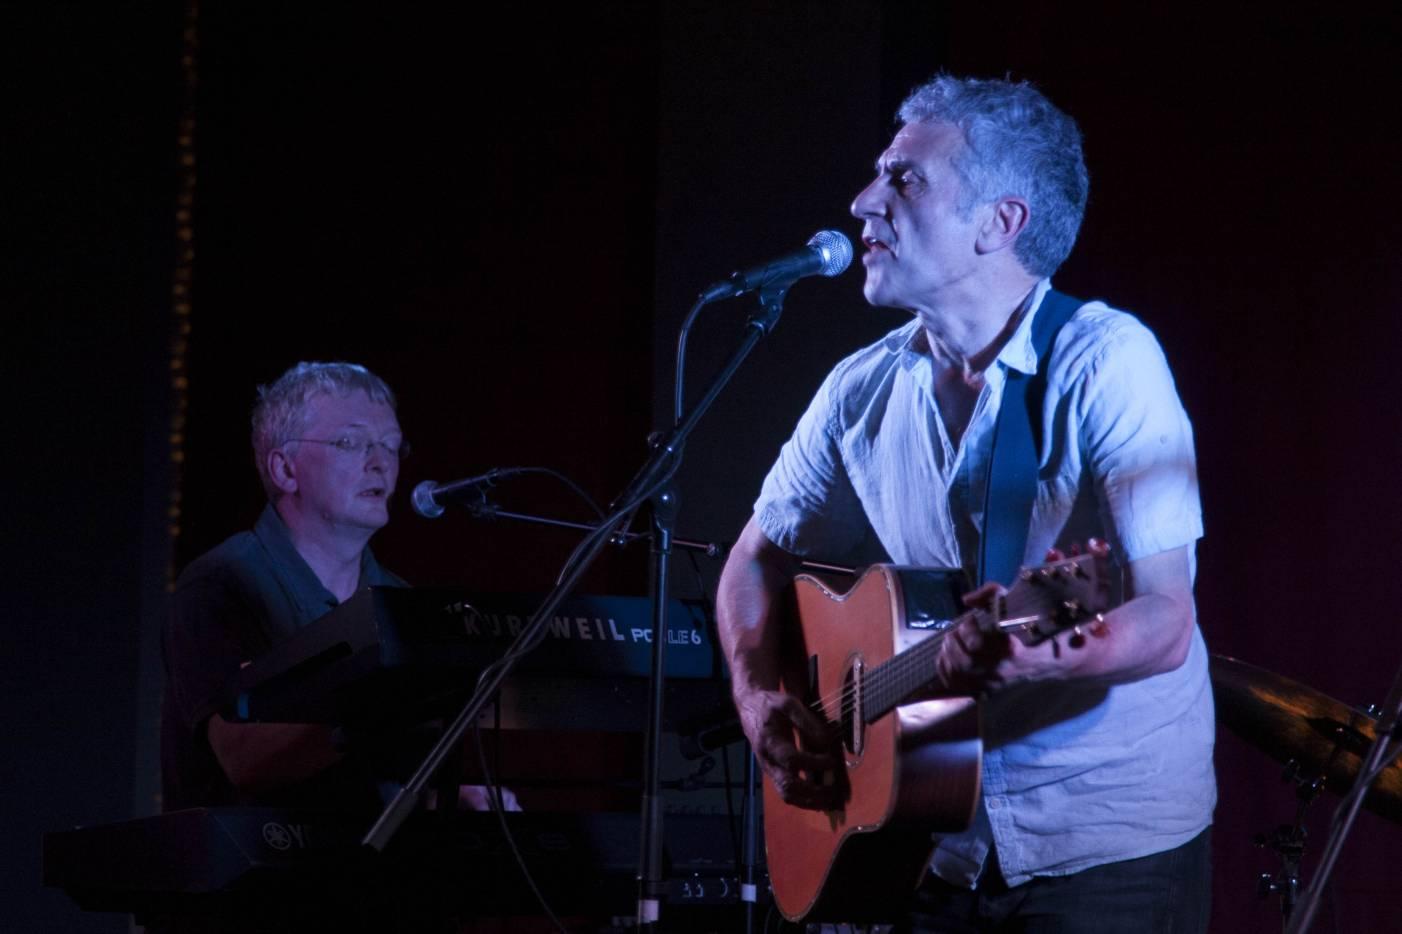 Latin Quarter Liverpool 2012: Steve Skaith & Steve Jeffries